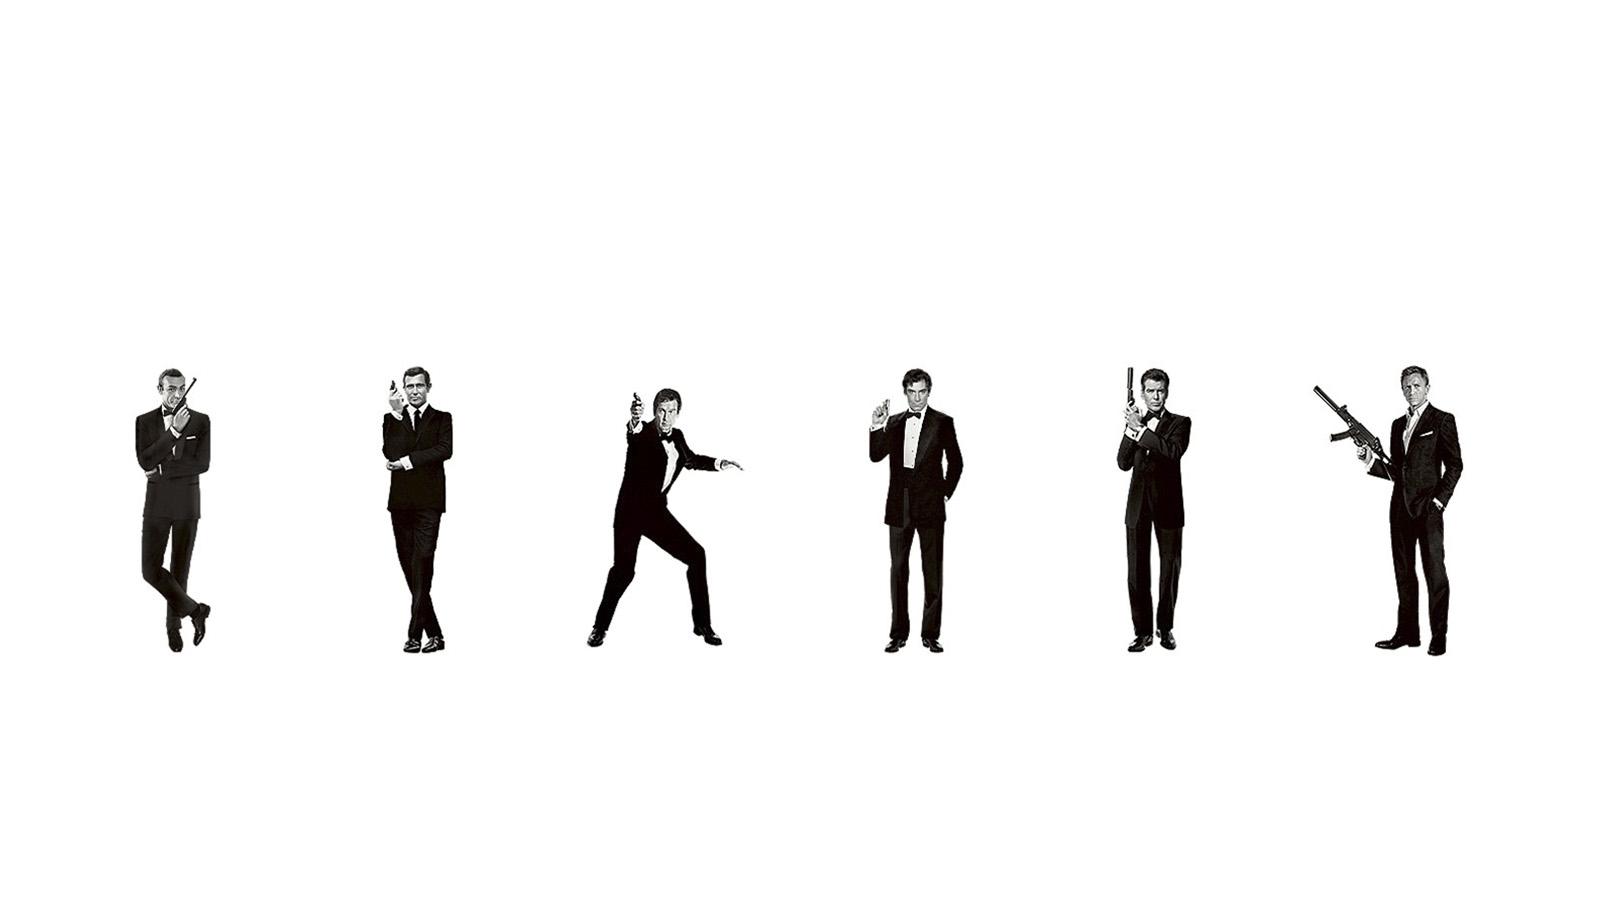 Hasta 6 actores han interpretado al icónico personaje creado por Ian Fleming